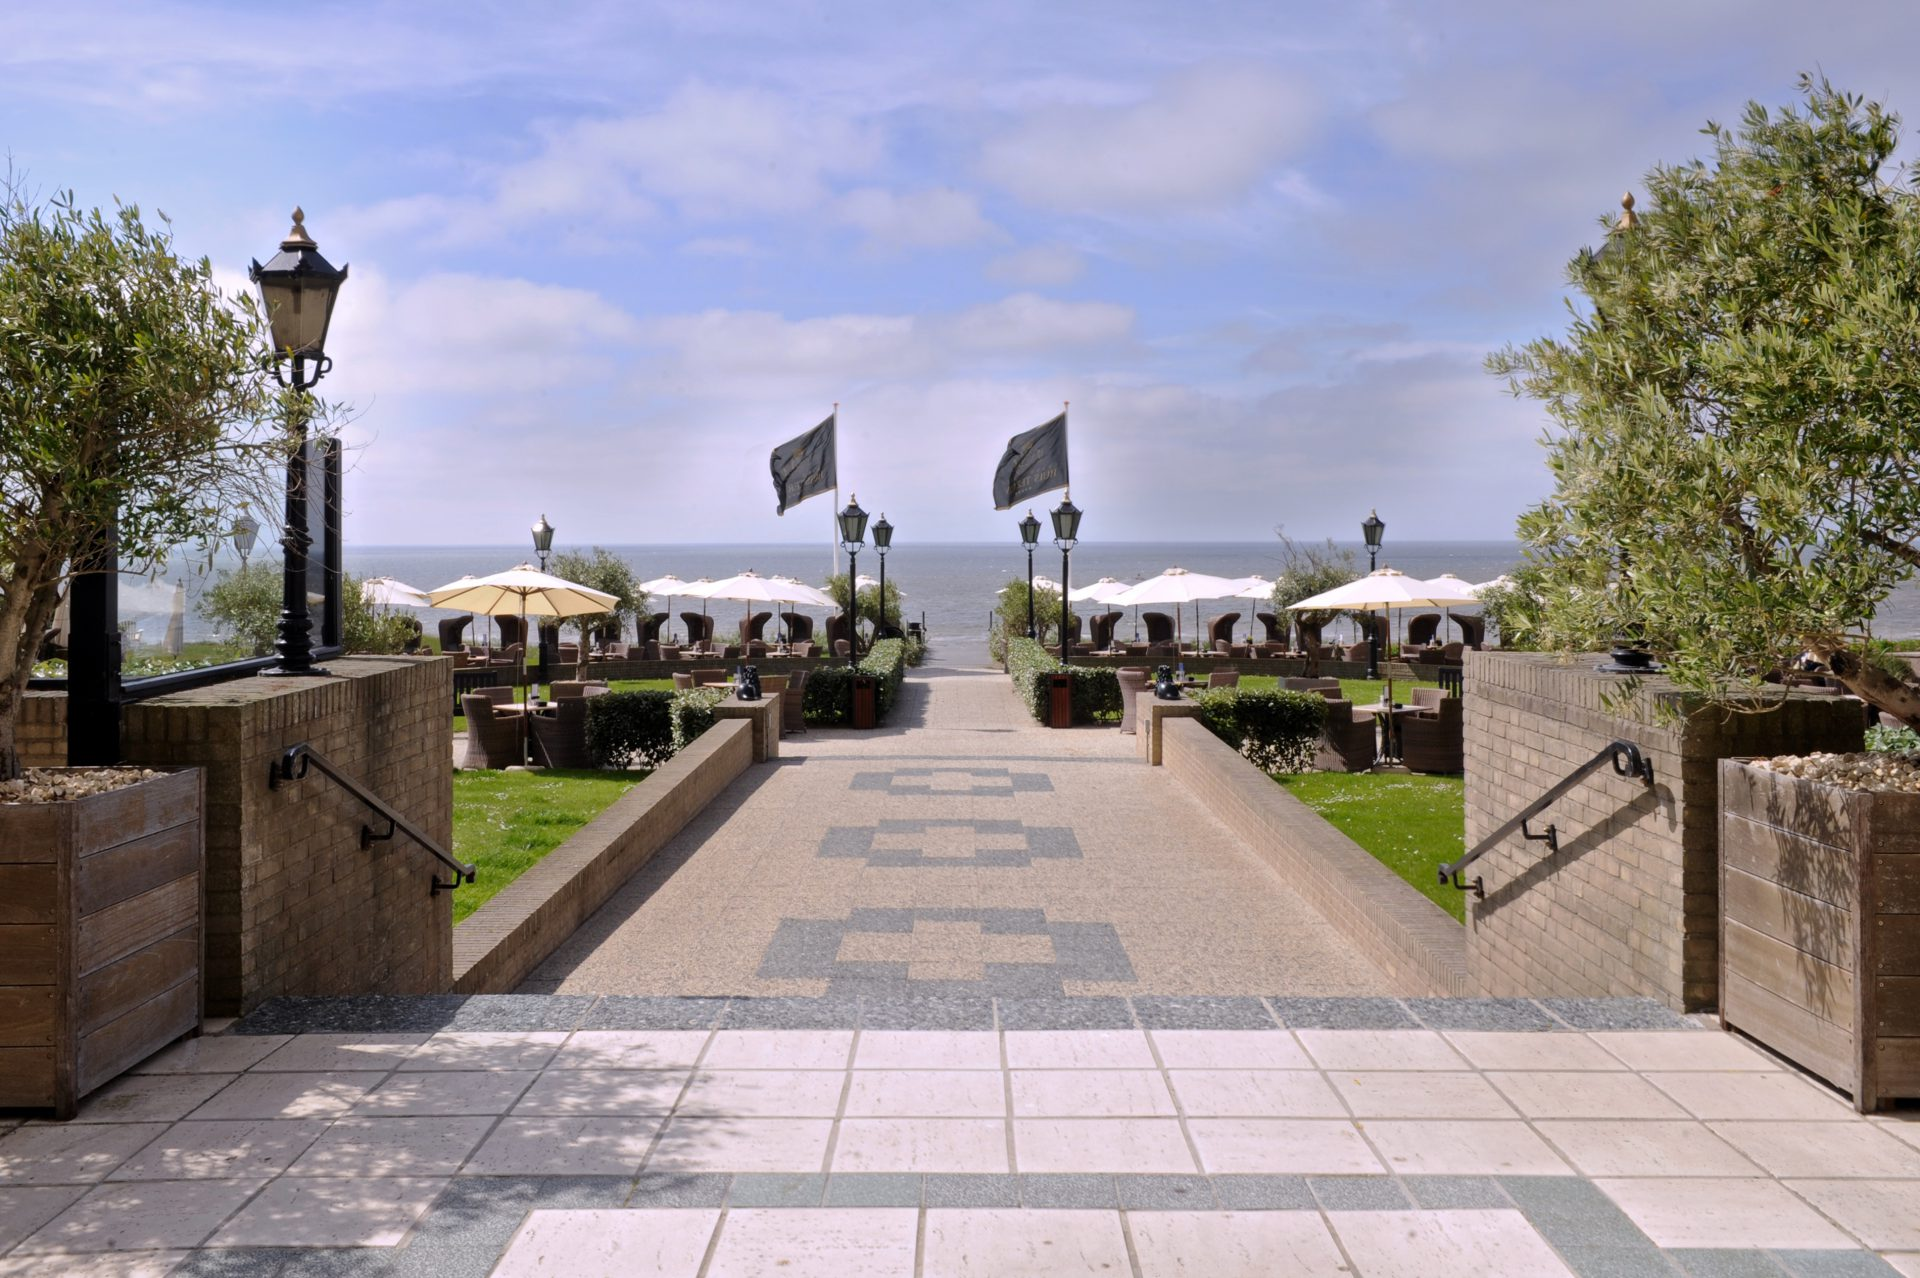 De terrassen van Grand Hotel Huis ter Duin